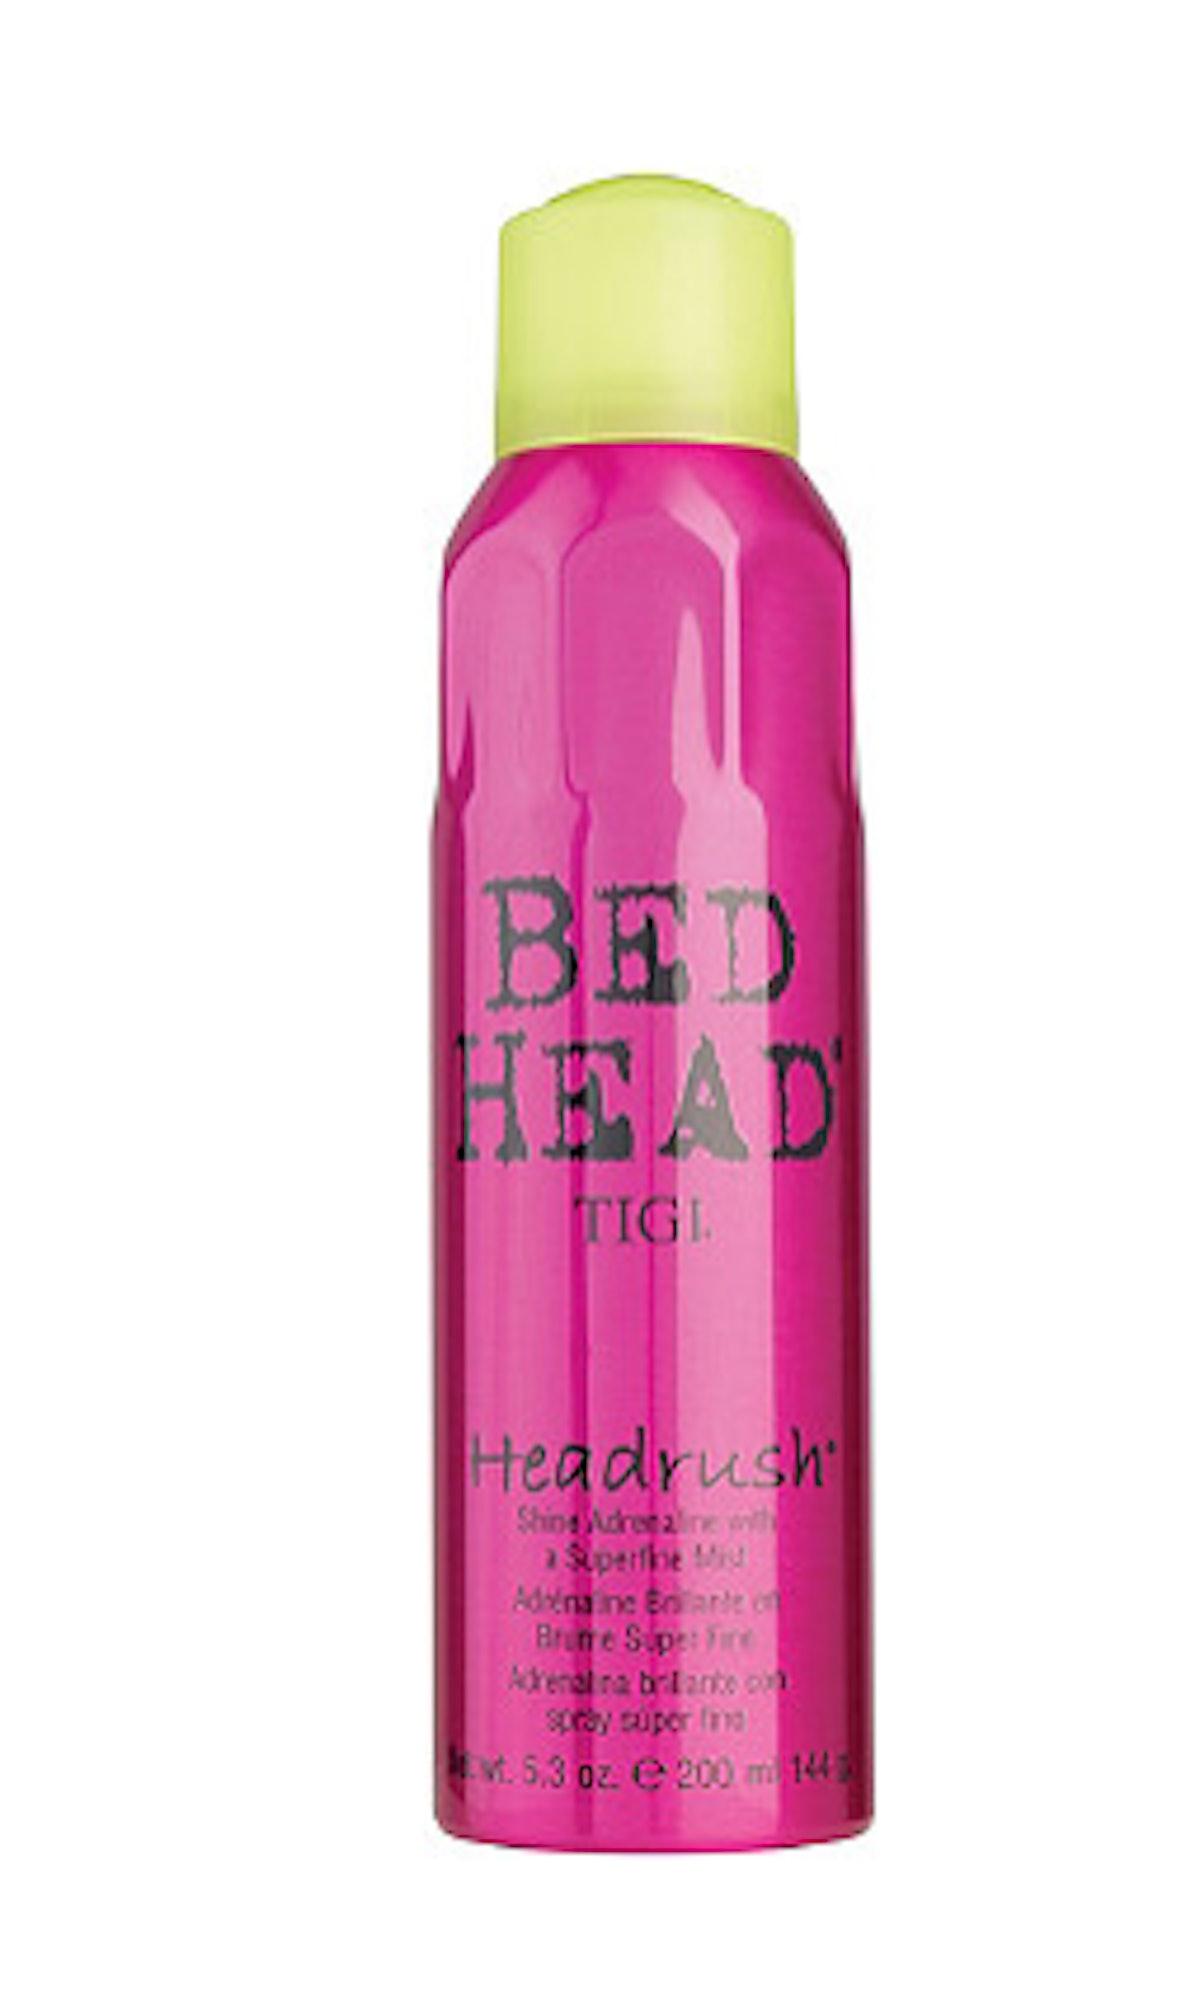 TIGI Bed Head Headrush